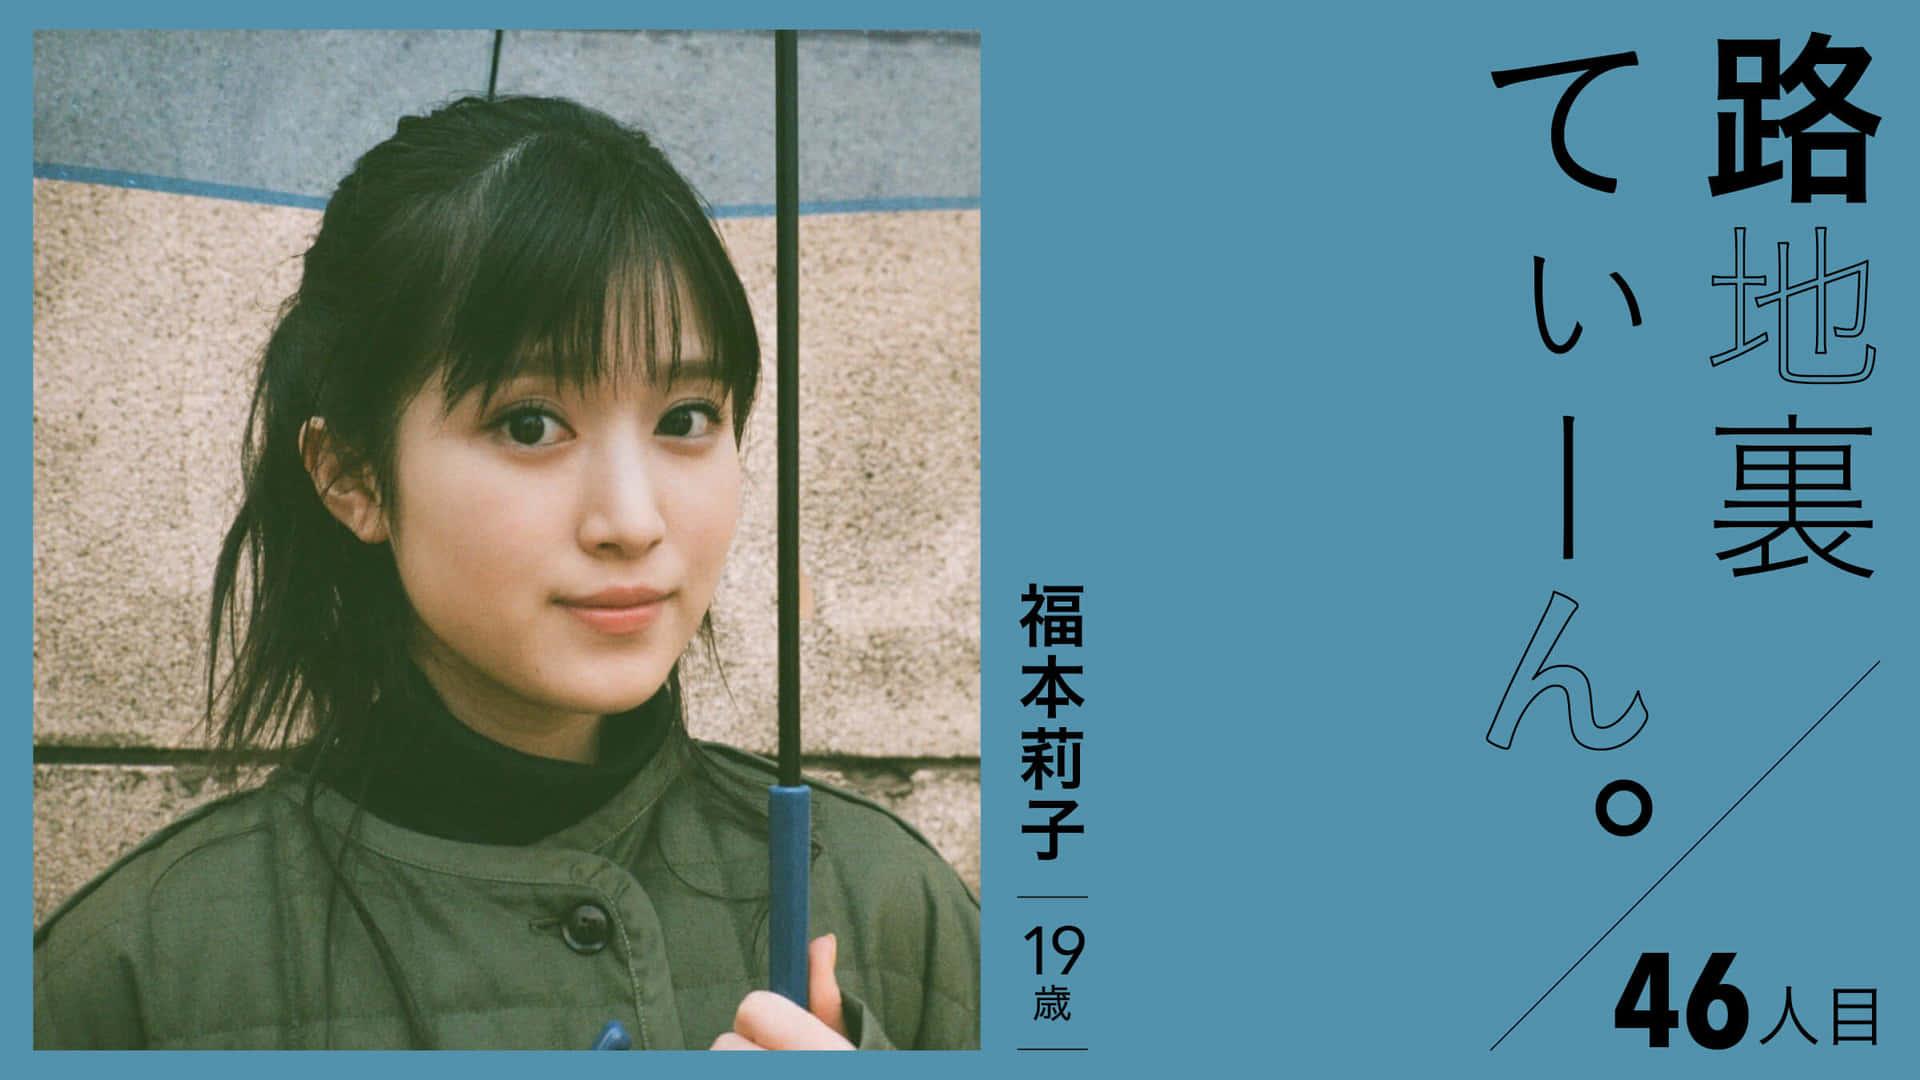 路地裏てぃーん。46人目 福本莉子 19歳